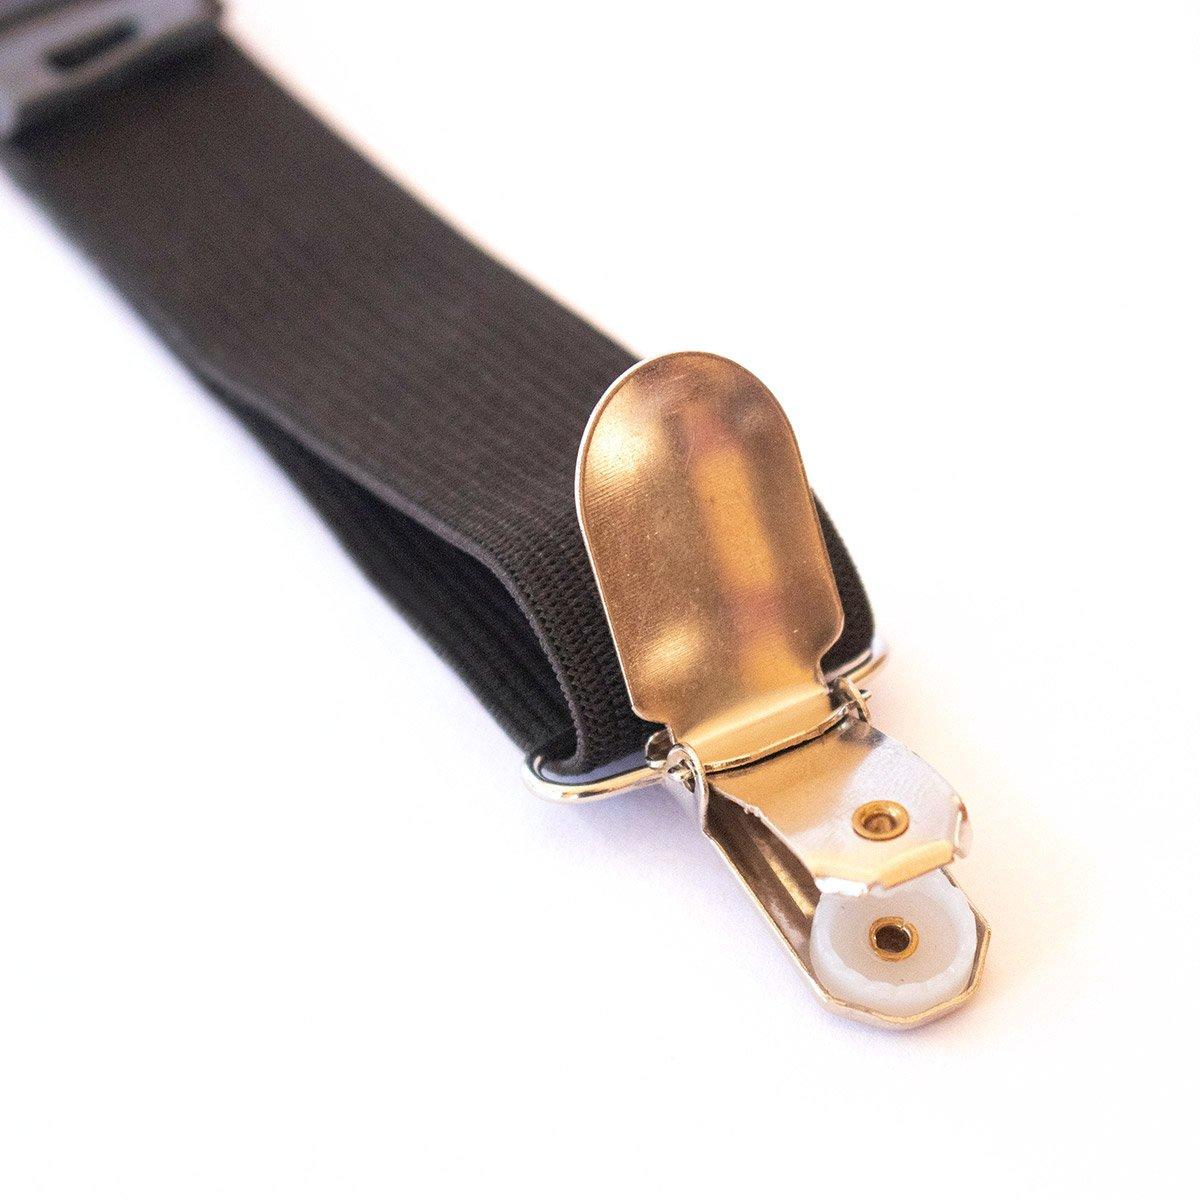 Listen Ear™ Body Strap secure fastener